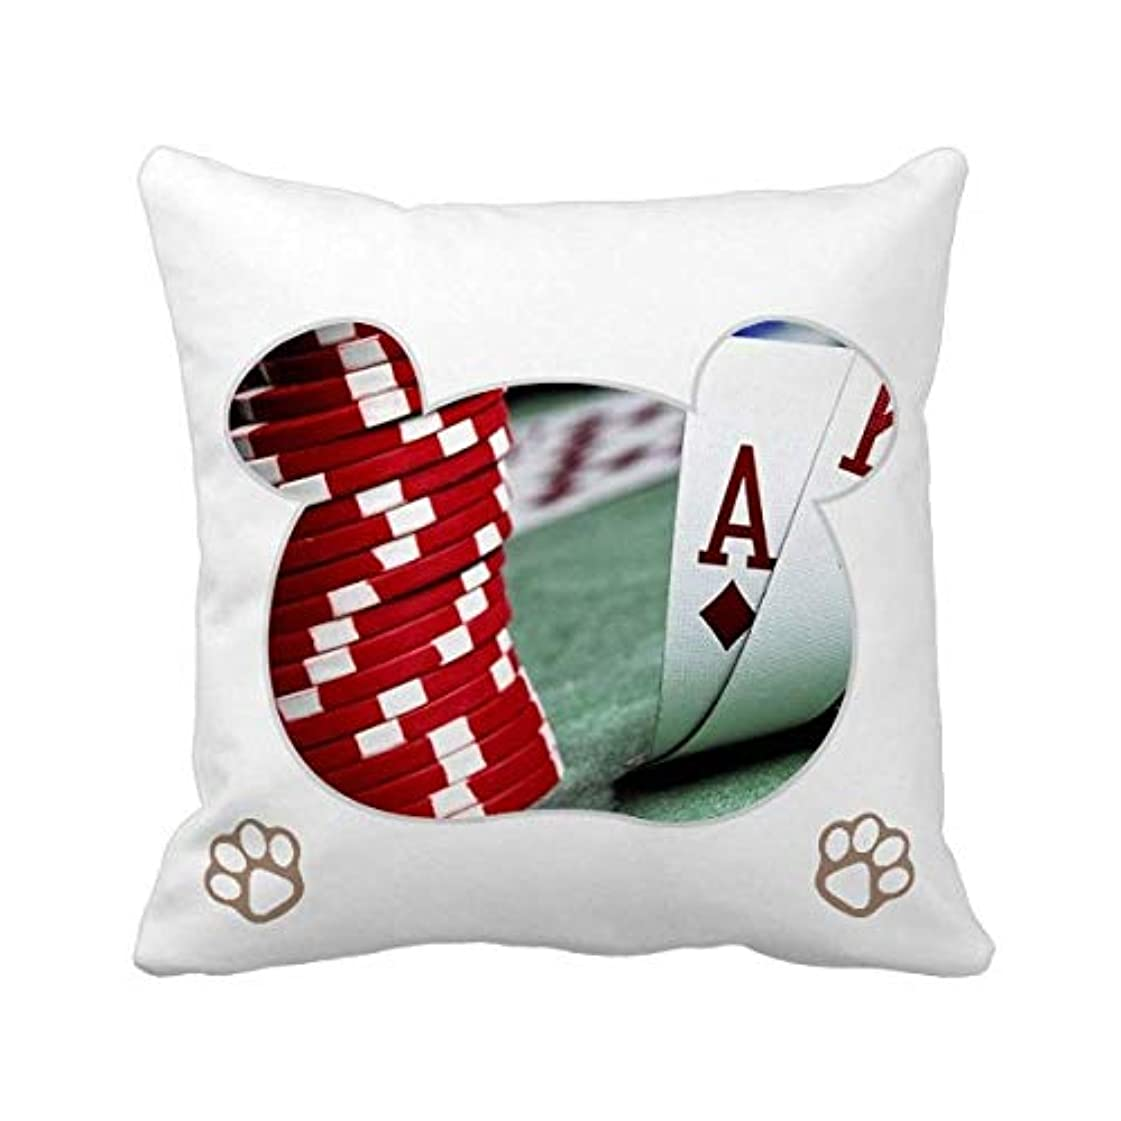 ぼんやりしたモデレータ葉巻散乱ポーカー賭博のフォトチップ 枕カバーを放り投げてスクエアベア 50cm x 50cm